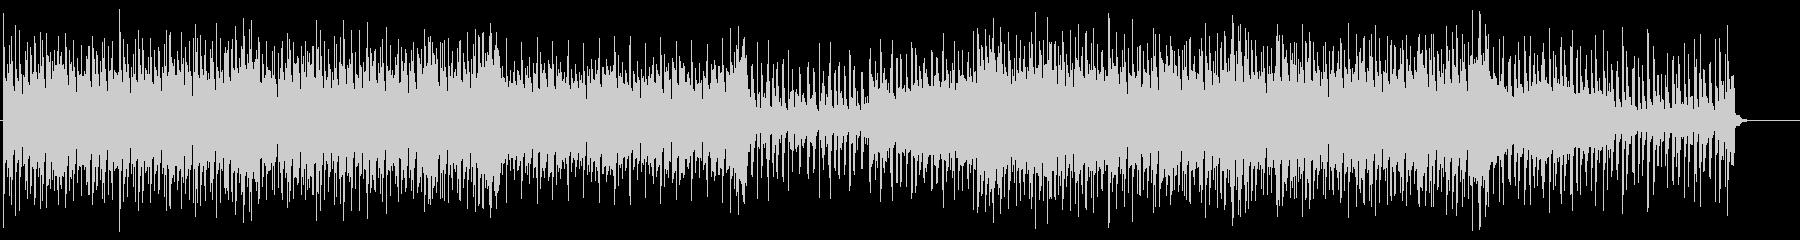 明るいトロピカルEDM 動画BGMの未再生の波形